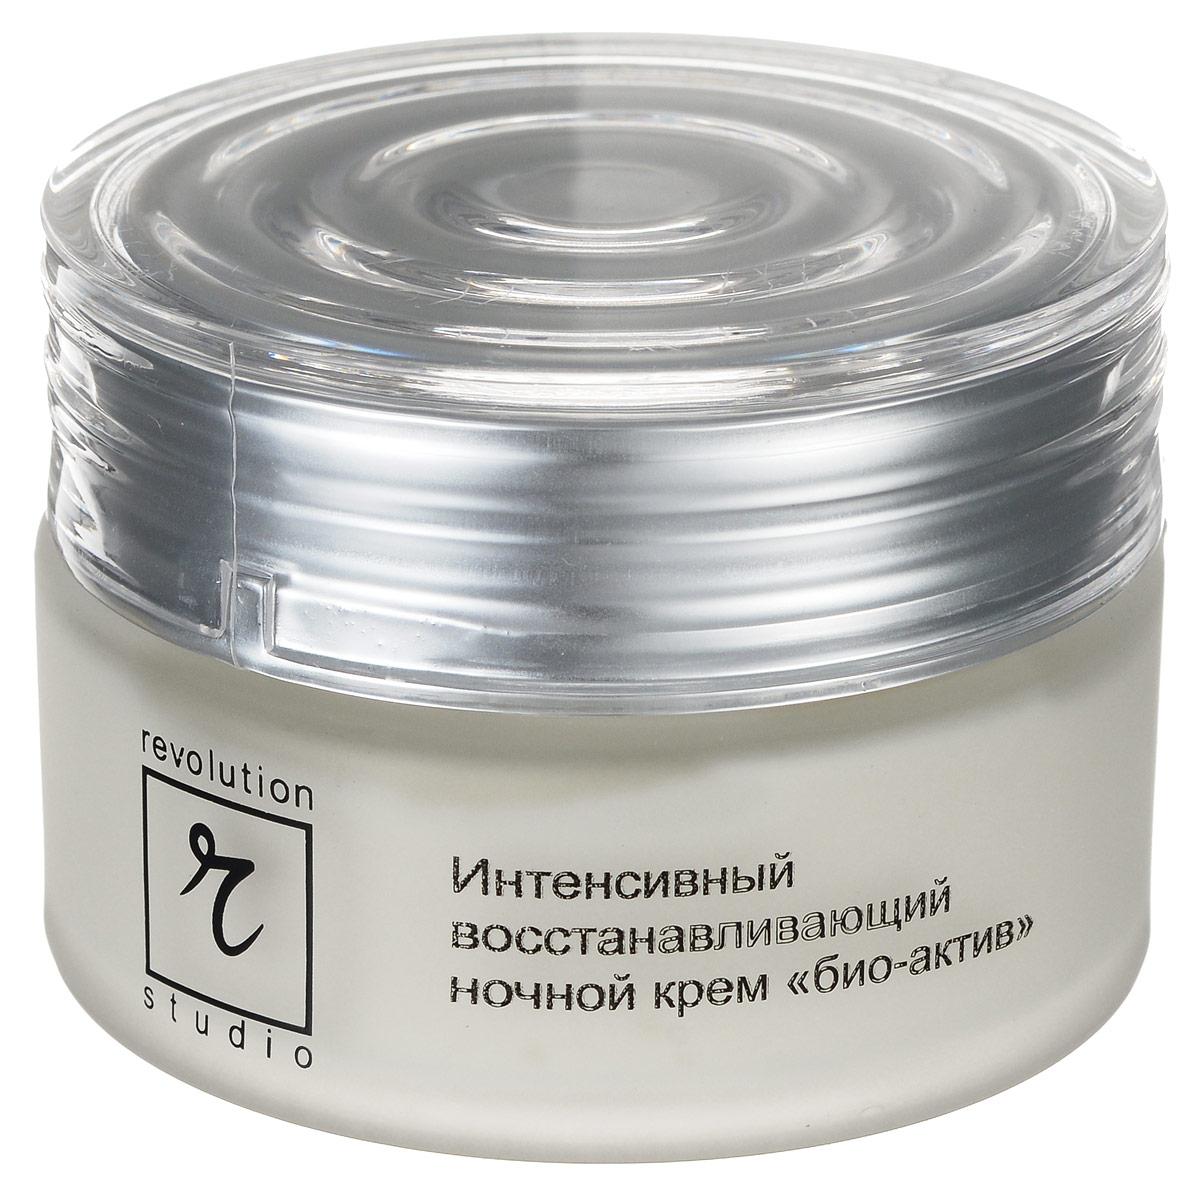 R-Studio Ночной крем био-актив 50 мл1671 sТип кожи: для возрастной кожи. Ночной крем био-актив стимулирует процессы регенерации и обновления кожи, действует как биостимулятор, активизируя собственные влагоудерживающие и защитные функции кожи, укрепляет и питает кожу, замедляет процессы старения. Активные компоненты: «Гиаплан» (плацента тонкоочищенная), масла: оливковое, персиковое, какао; экстракты: хмеля, душицы, валерианы; витамин Е.